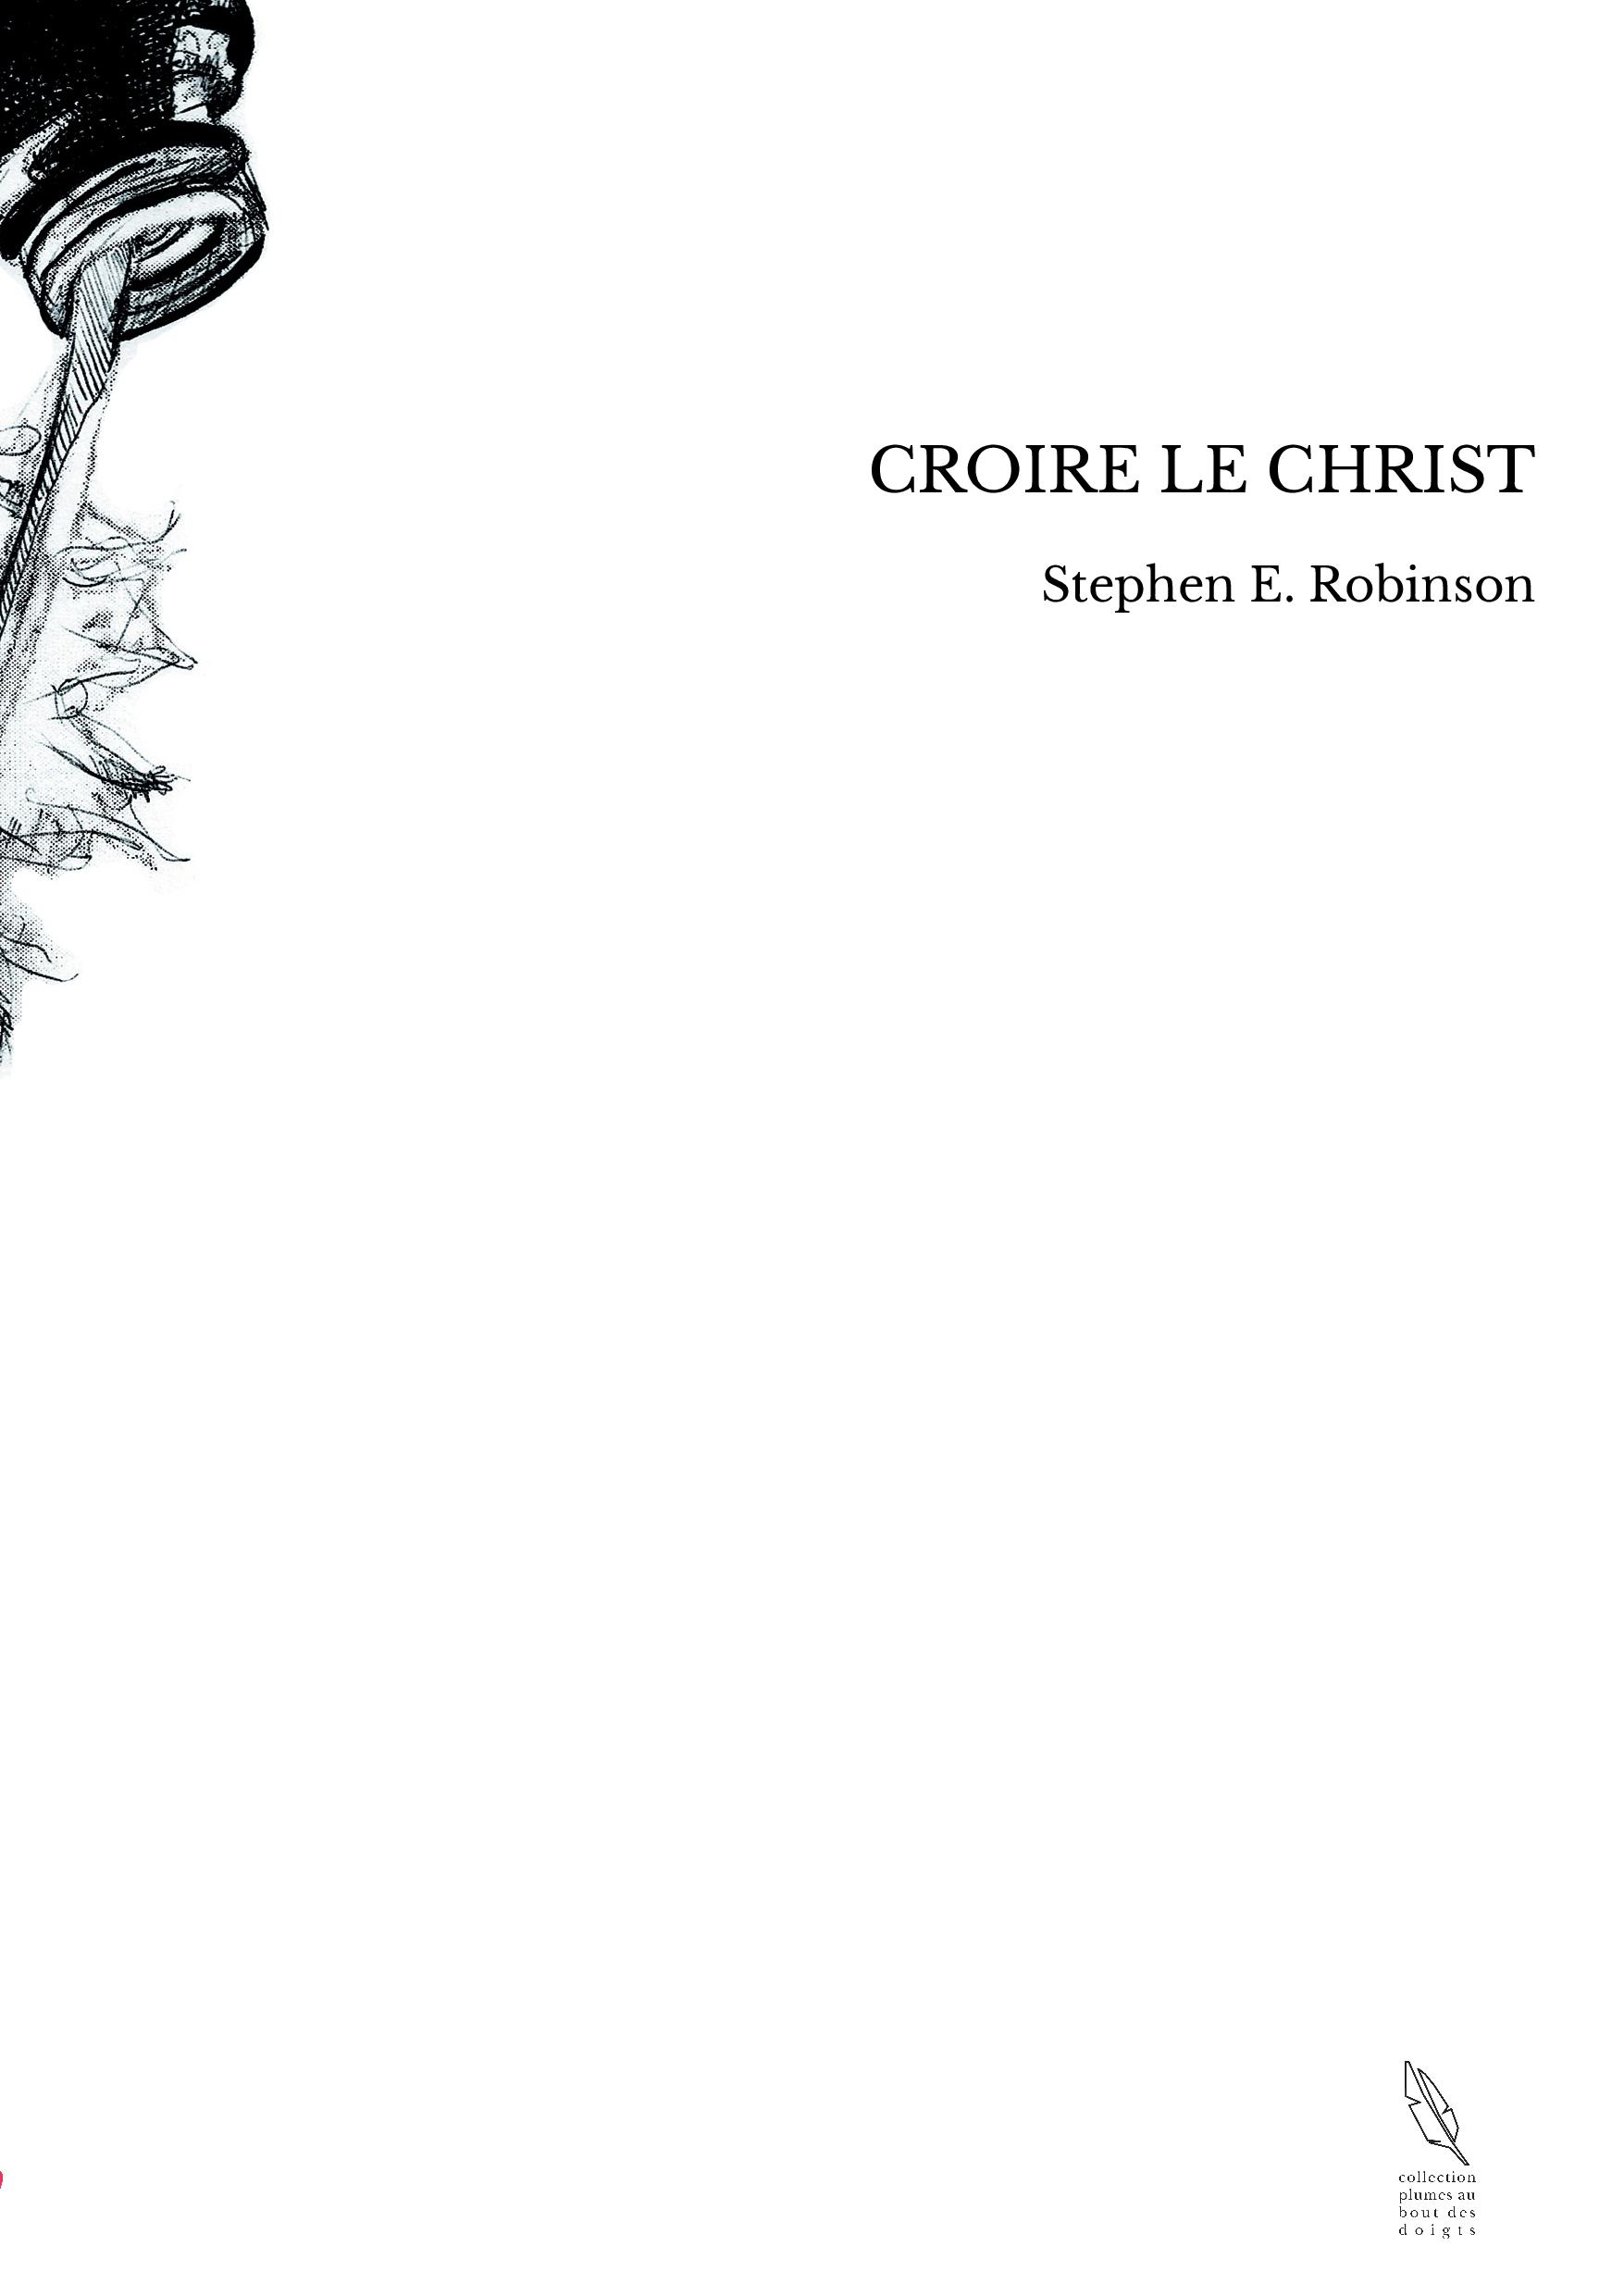 CROIRE LE CHRIST